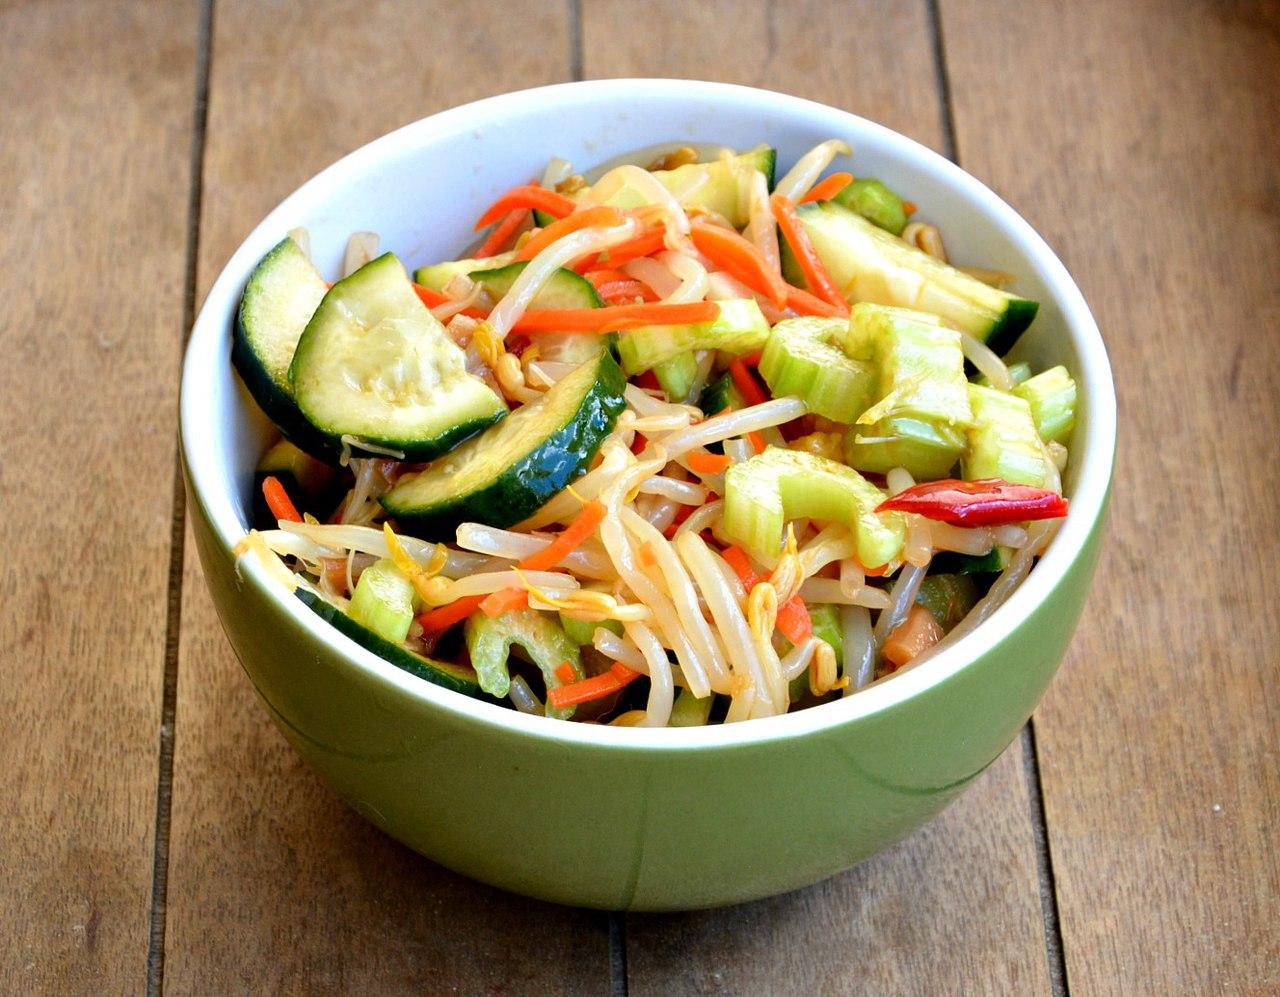 Легкий Салат Из Овощей Для Похудения. Какие диетические салаты из овощей помогут похудеть?